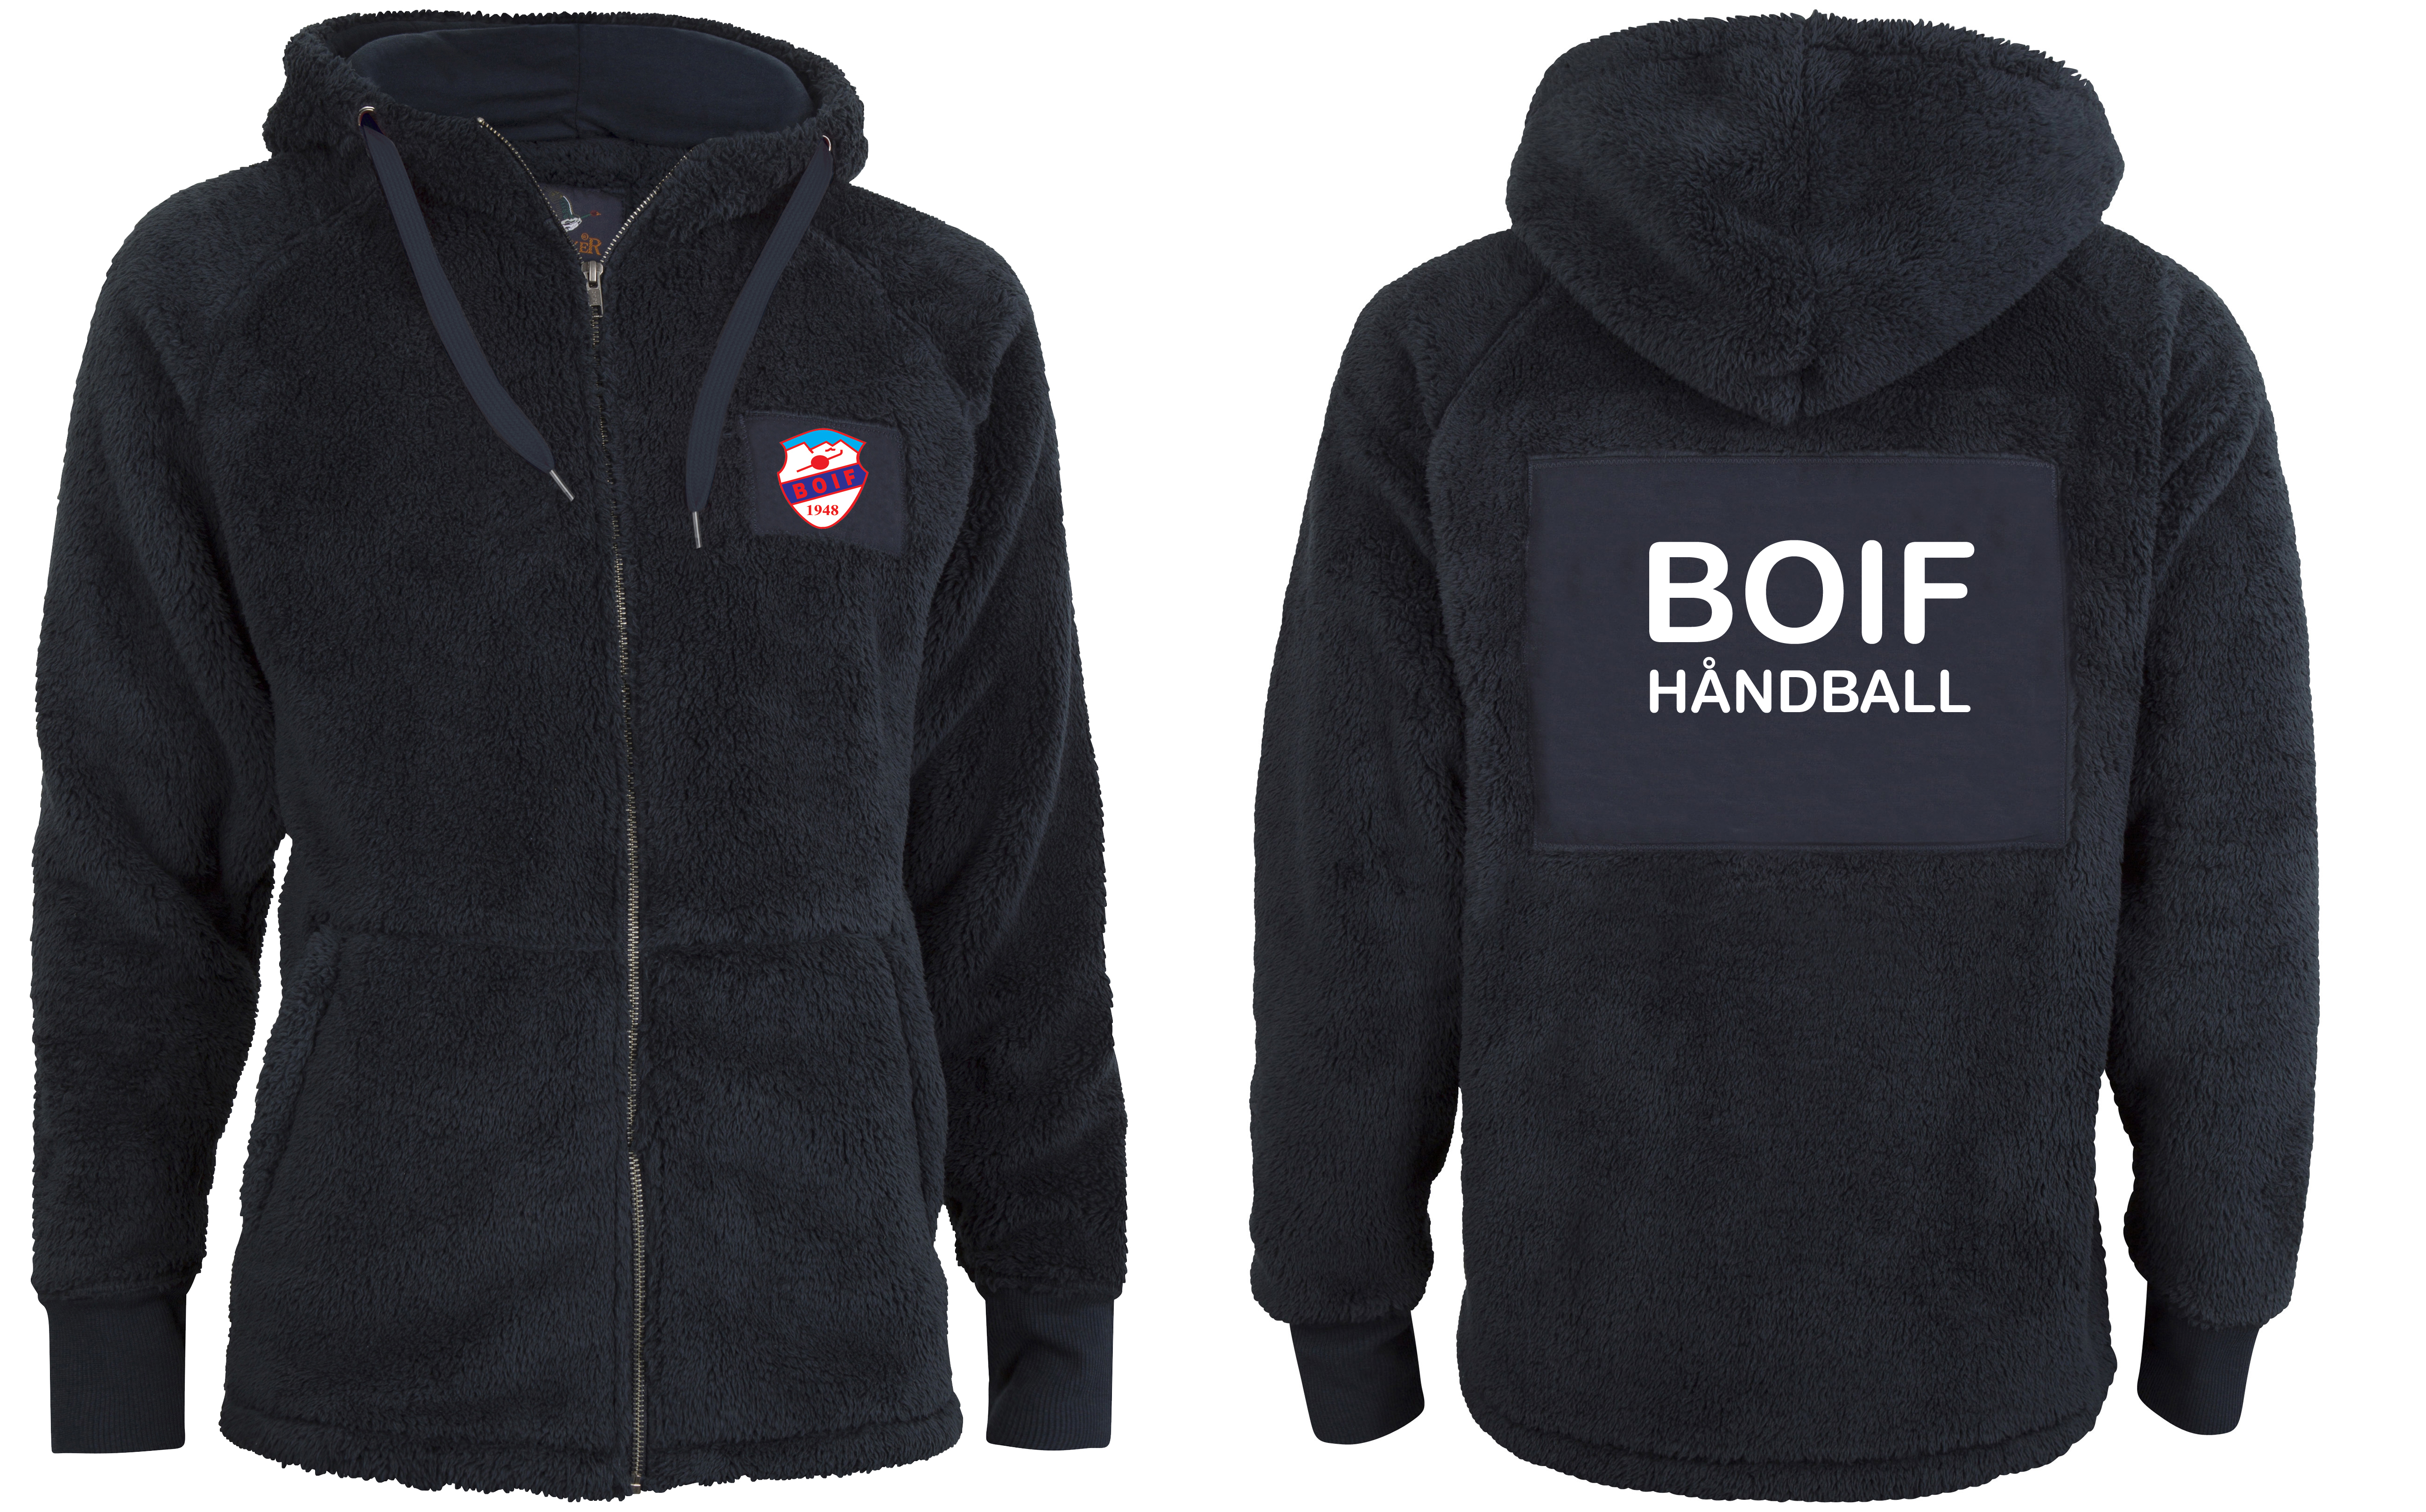 BOIF_bamseflecce håndball.jpg